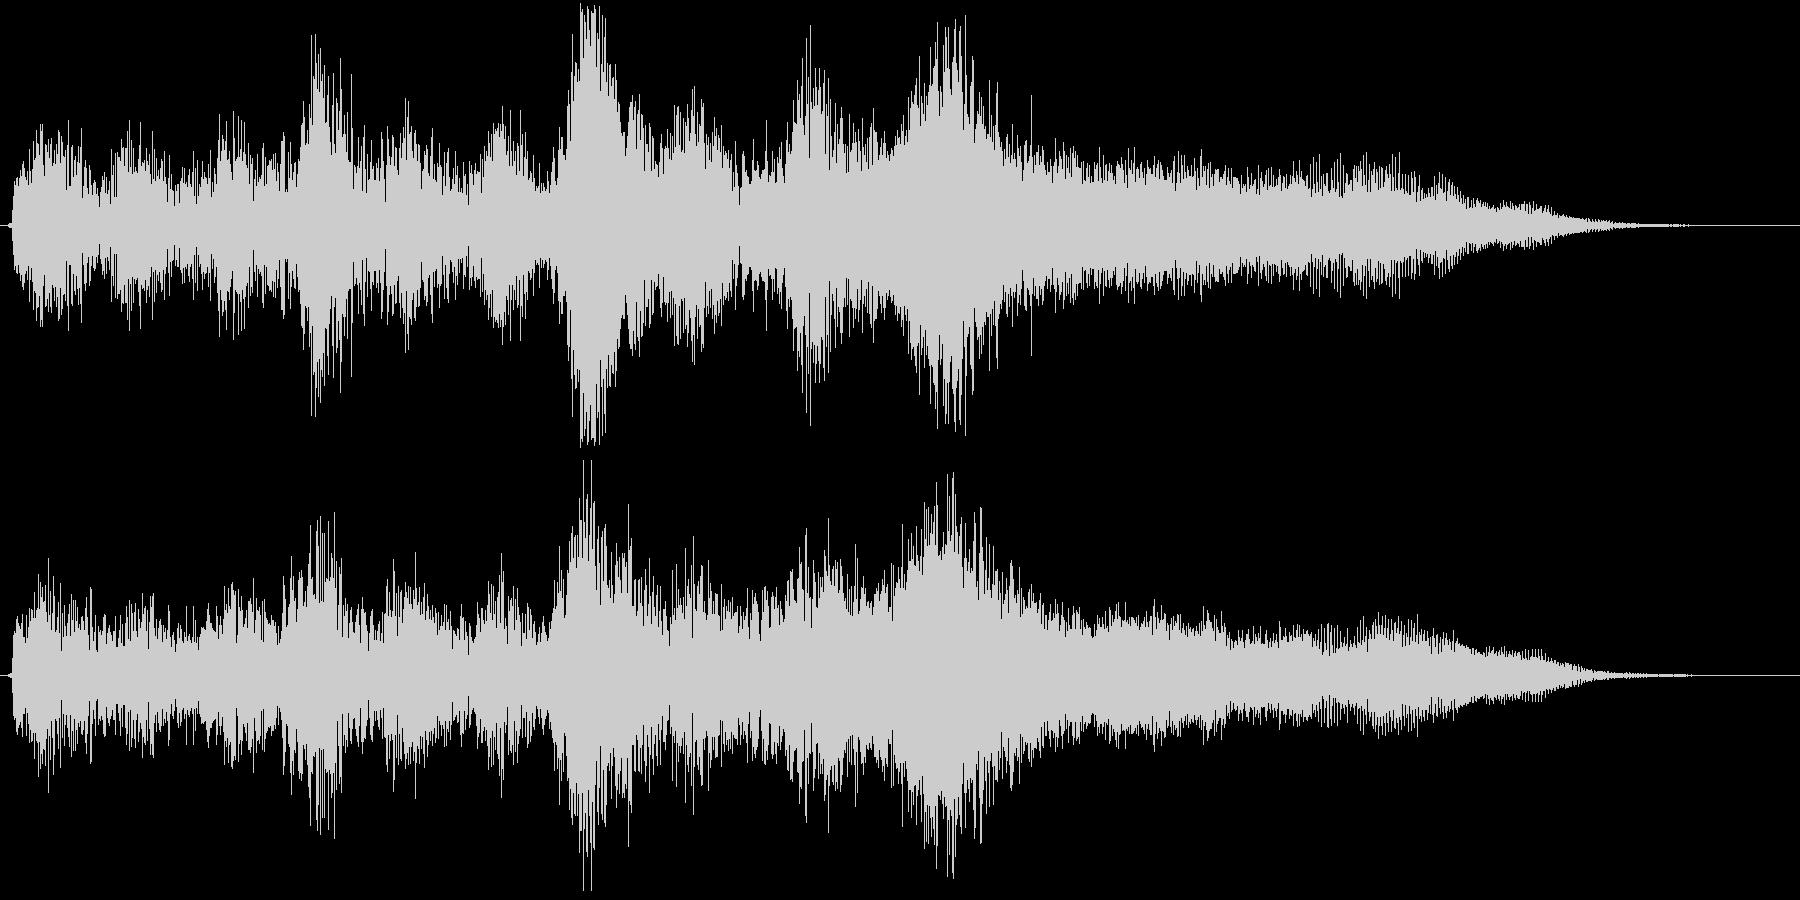 壮大なオーケストラBGMの未再生の波形